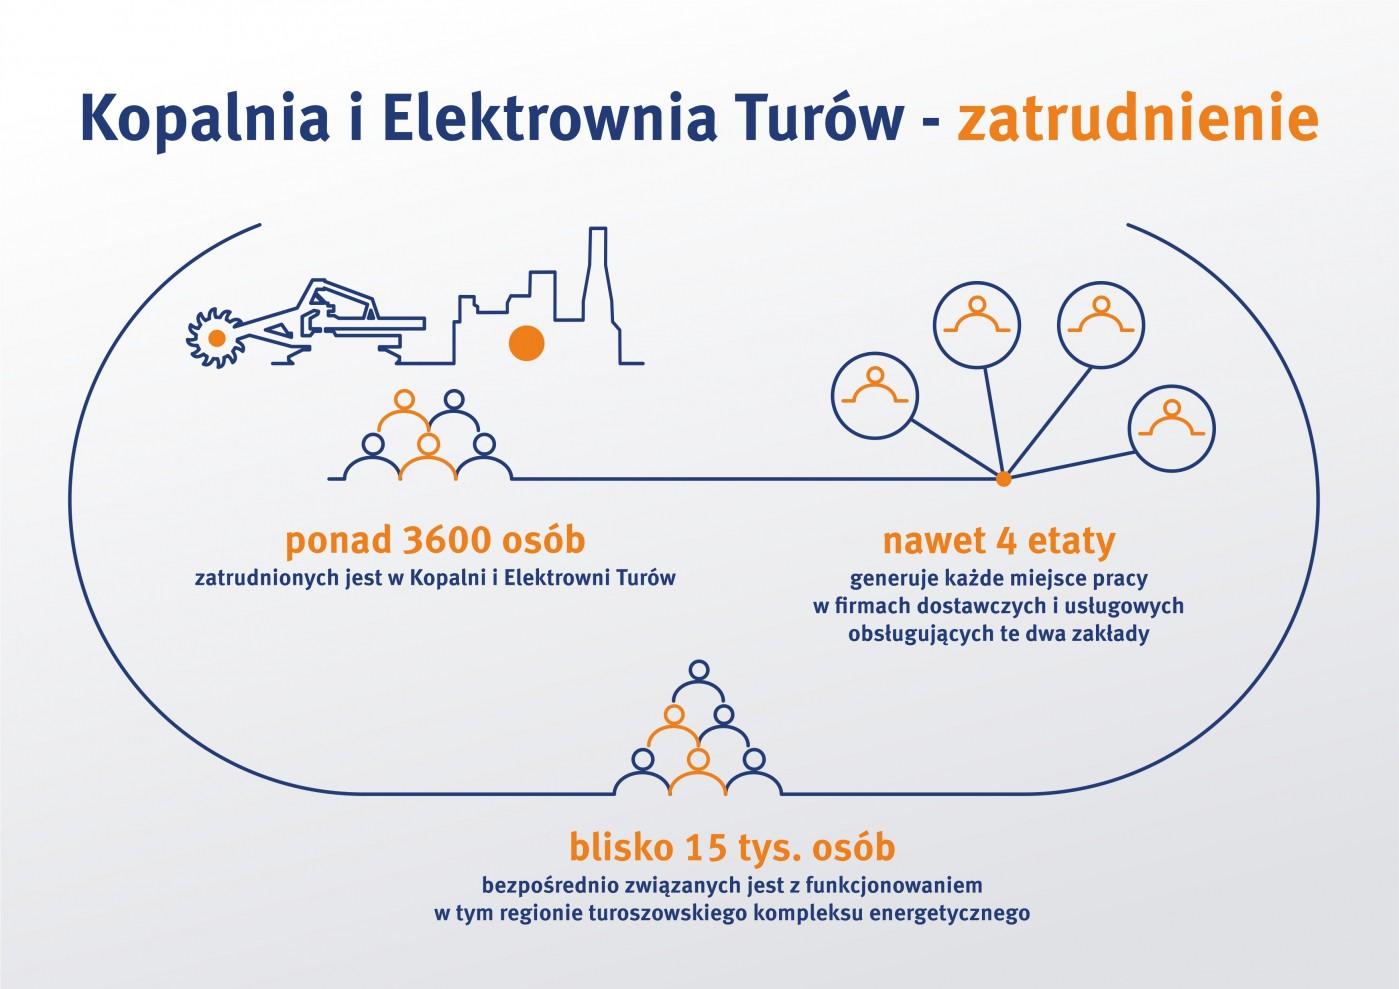 infografika_zatrudnienie_turow.jpg